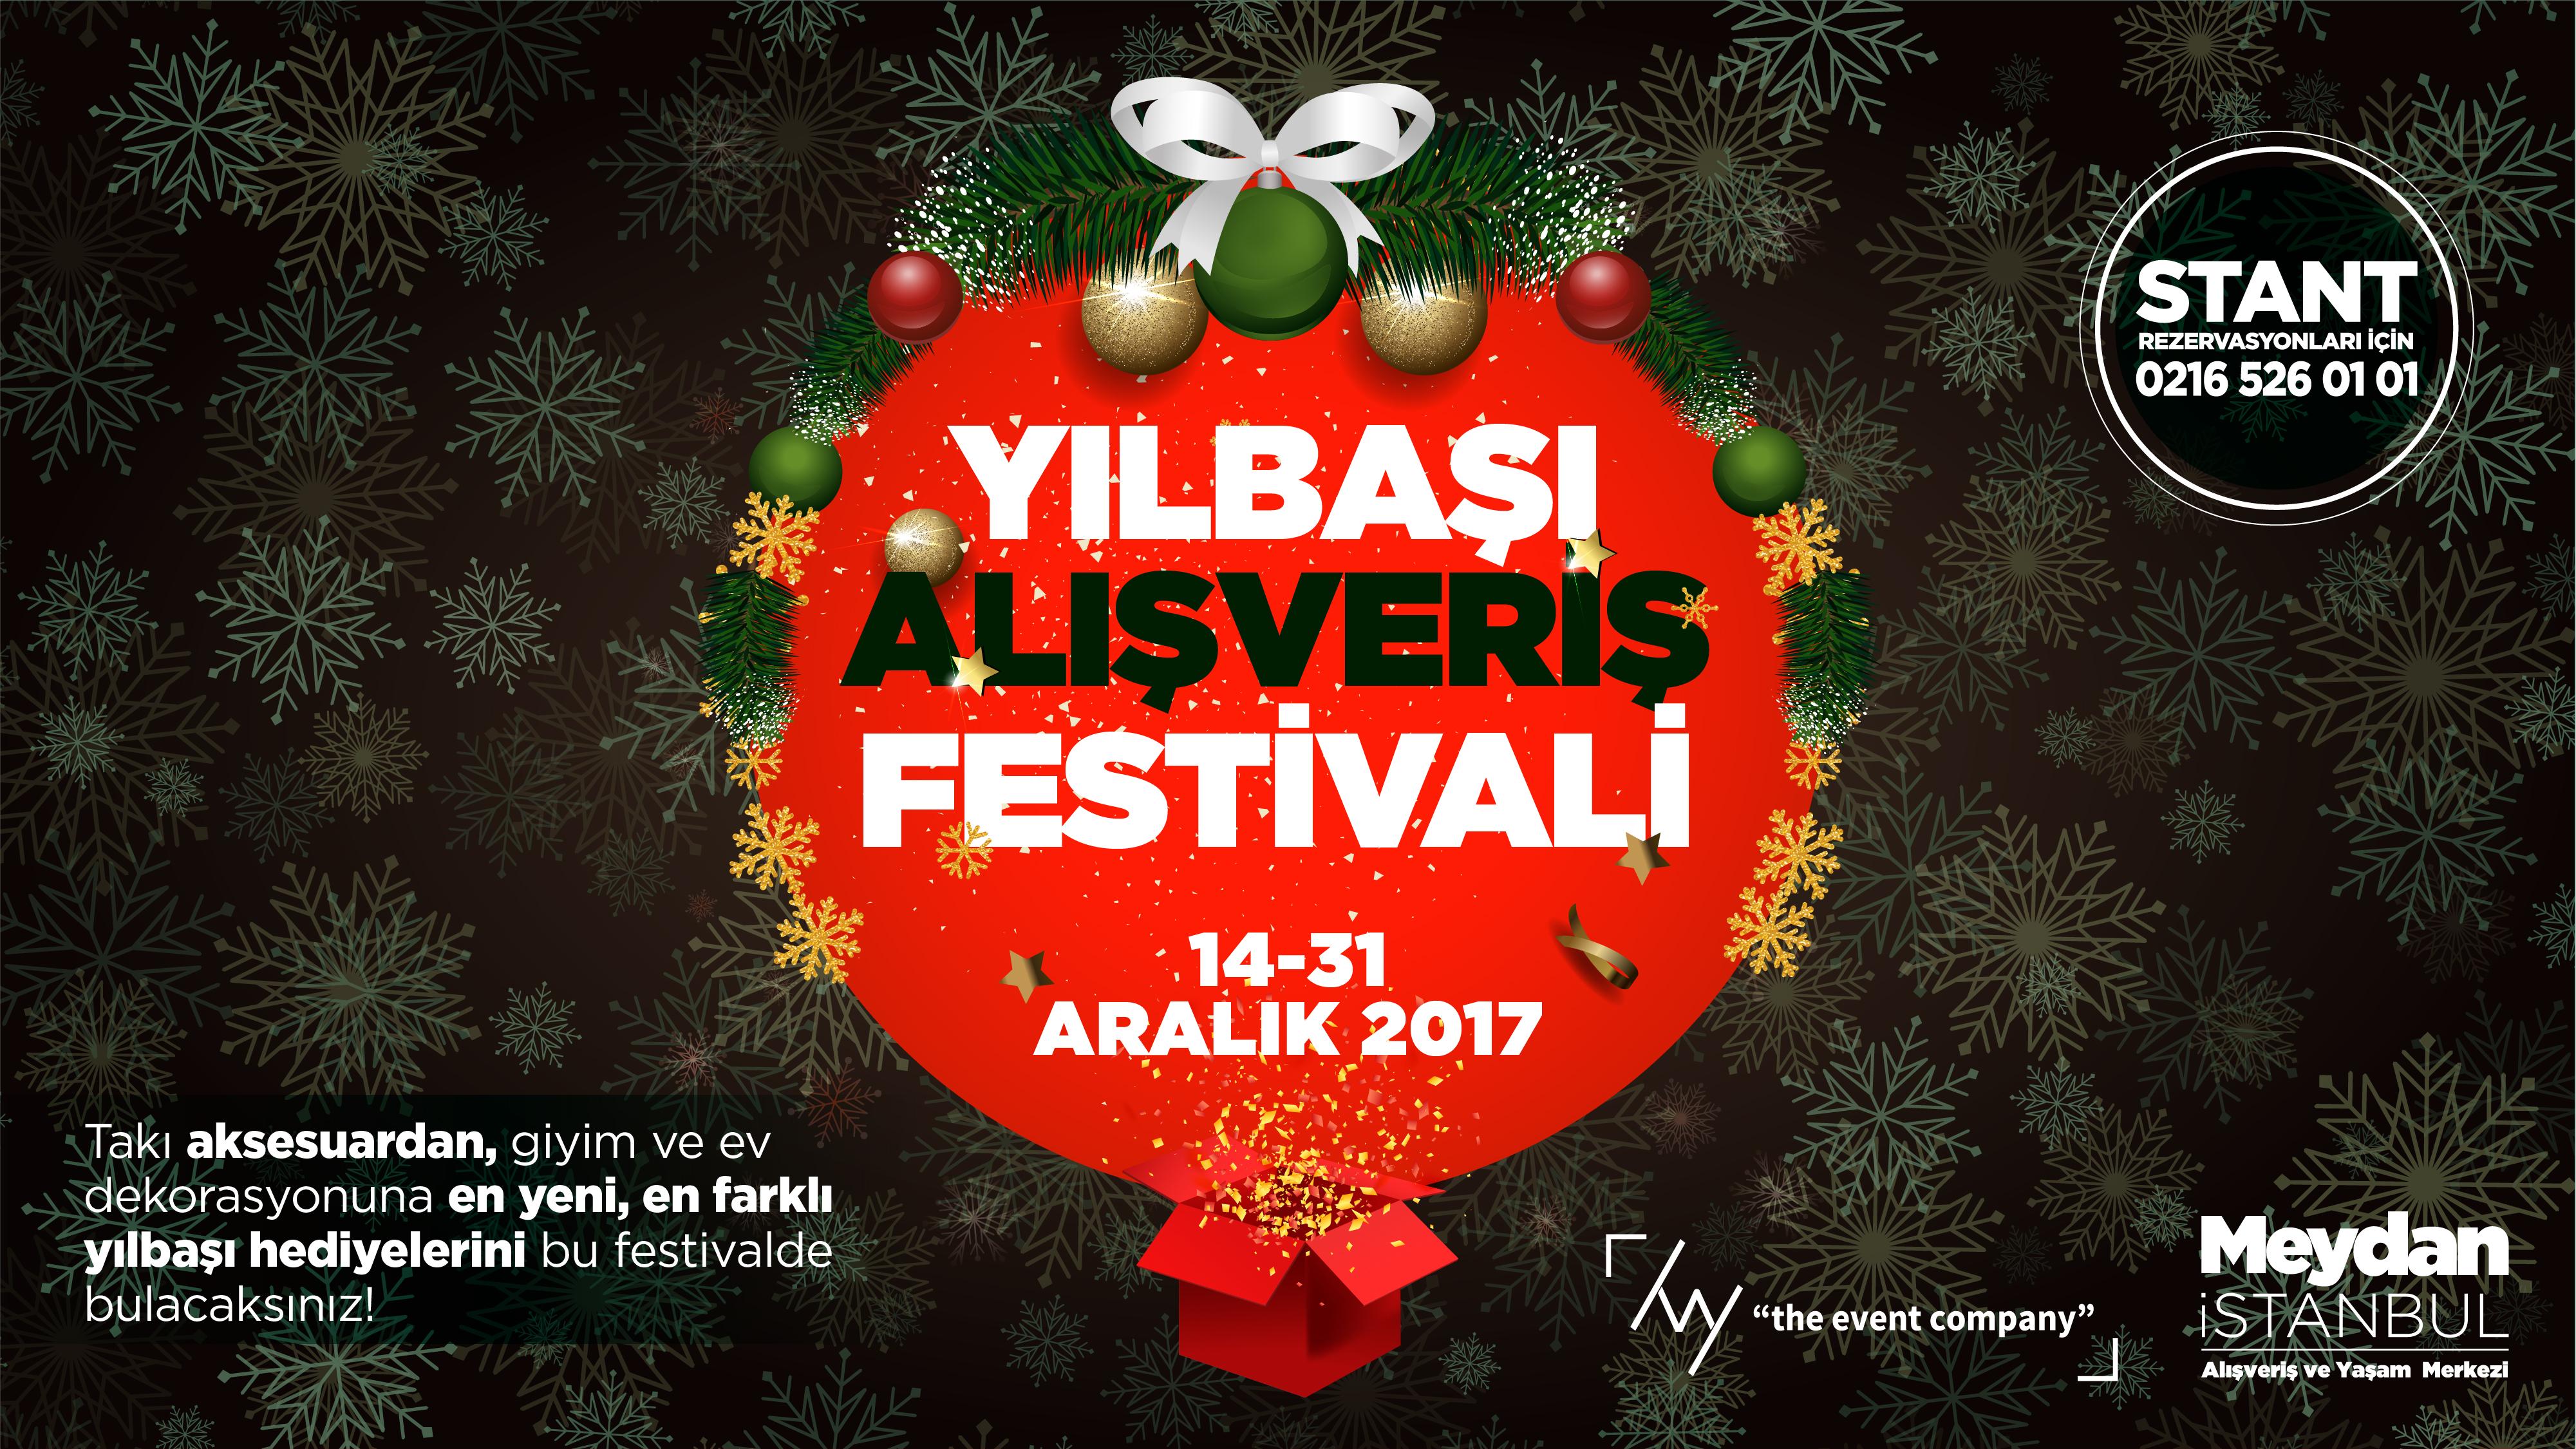 Yılbaşı Alışveriş Festivali Meydan İstanbul'da Başlıyor